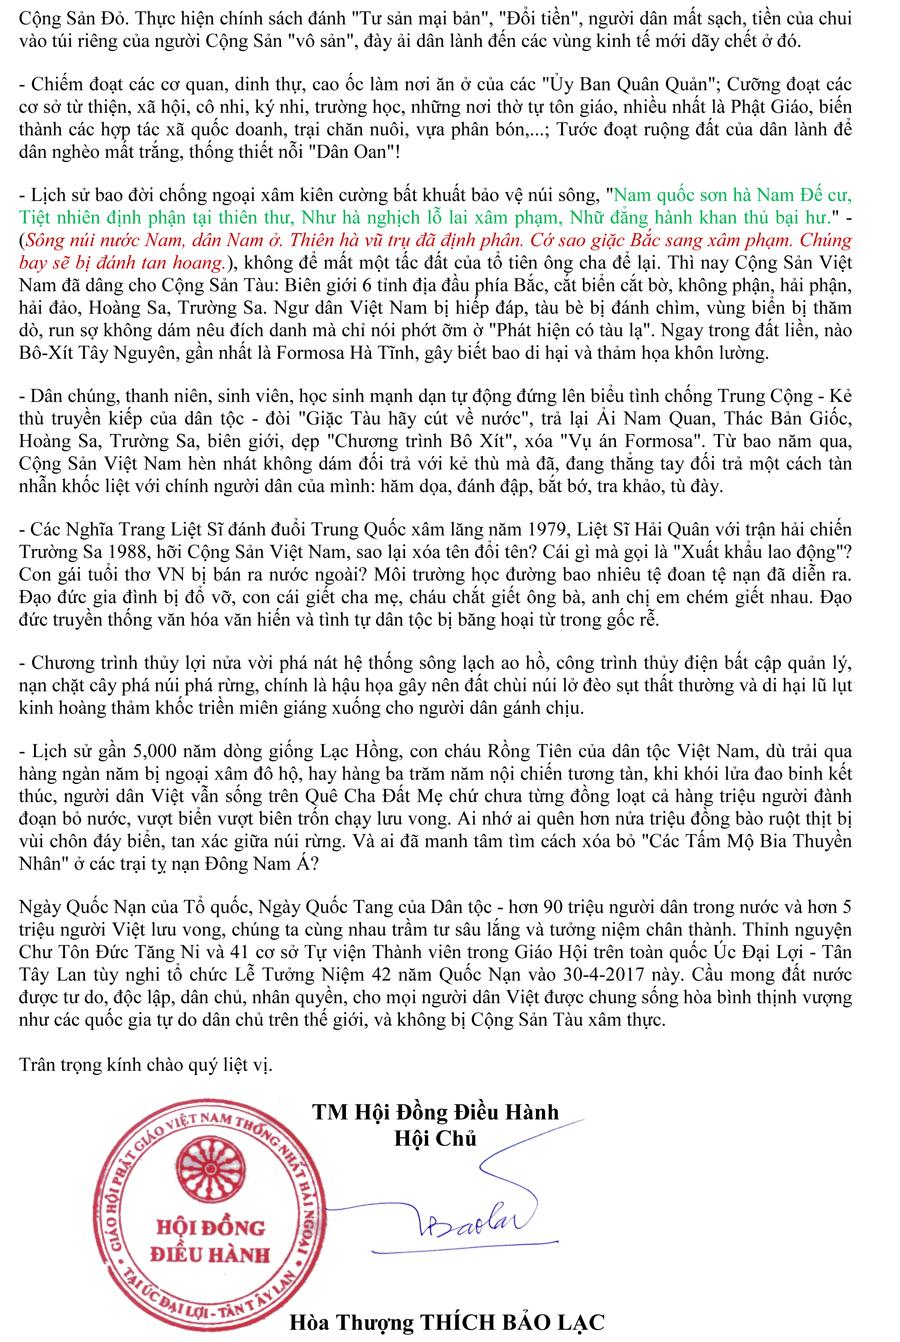 So 29-05 Thong Tu ngay Quoc Nan  Quoc Tang - PGUC - Hoi Chu-2